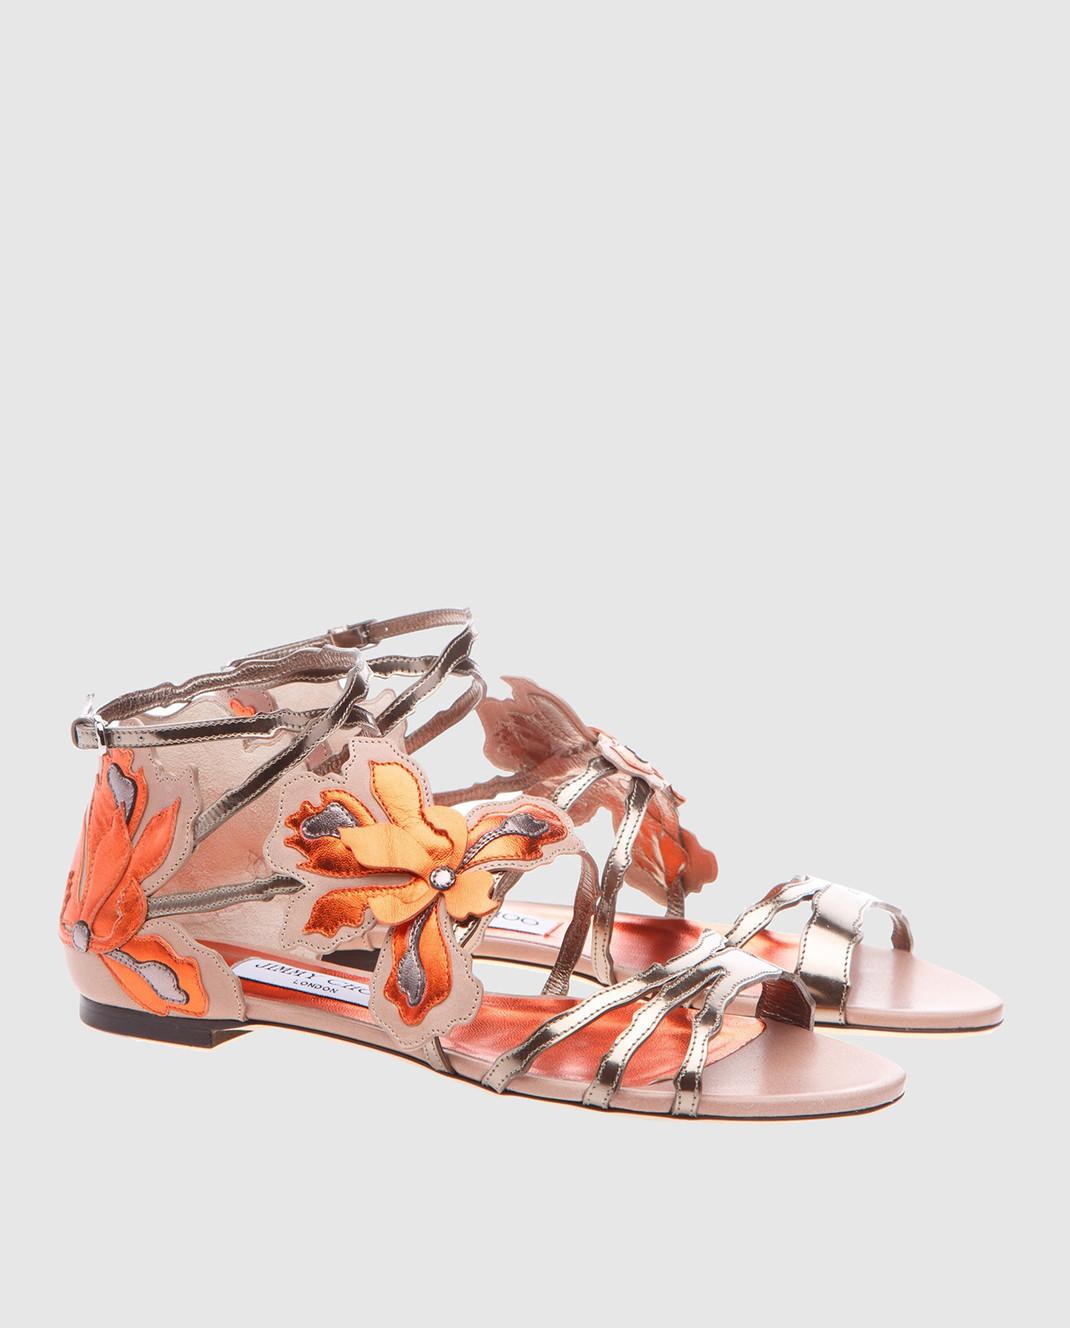 Jimmy Choo Золотистые кожаные сандалии Lolita LOLITAFLATMIV изображение 3